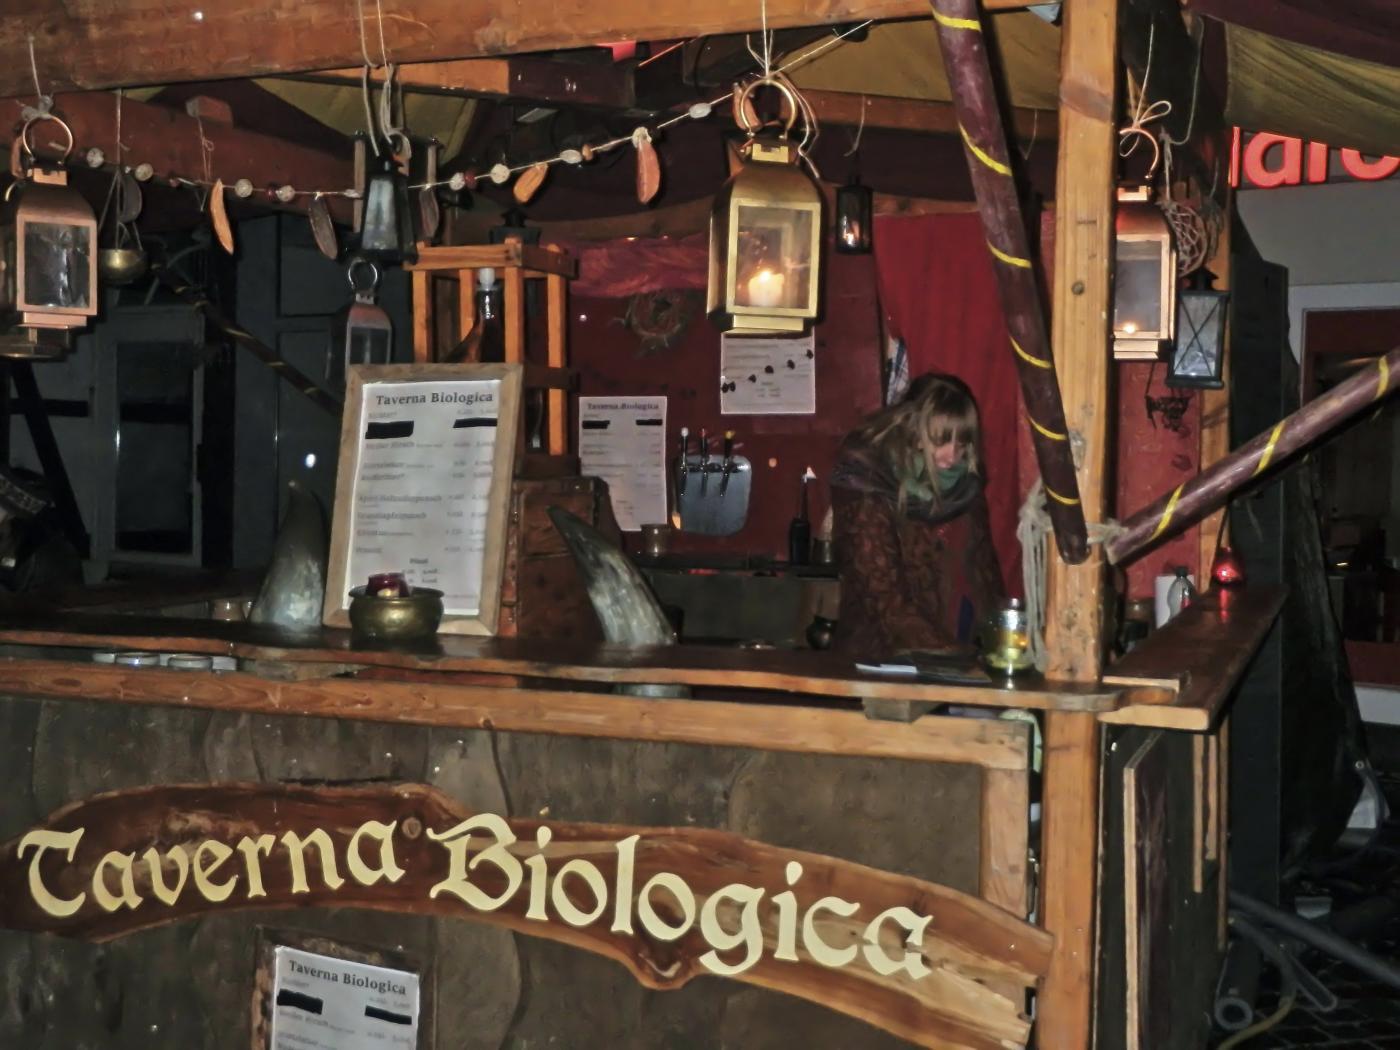 Taverna Biologica